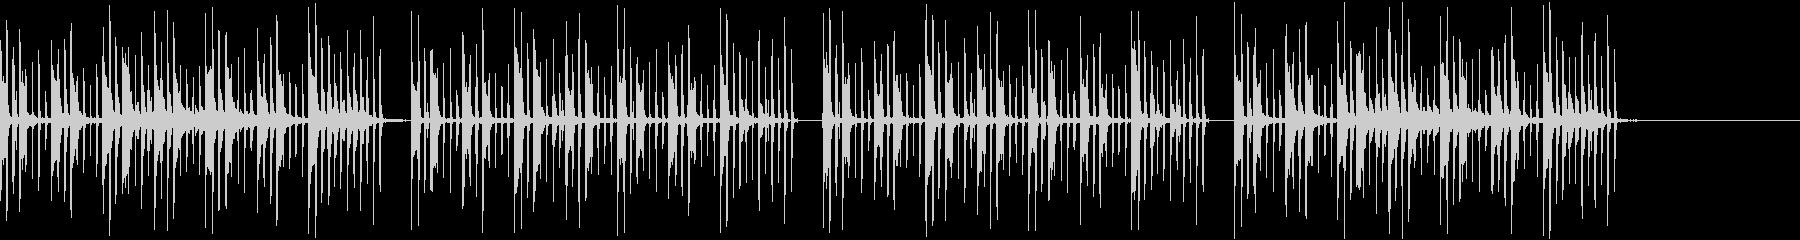 のんびり、のどかな、かわいいBGMの未再生の波形